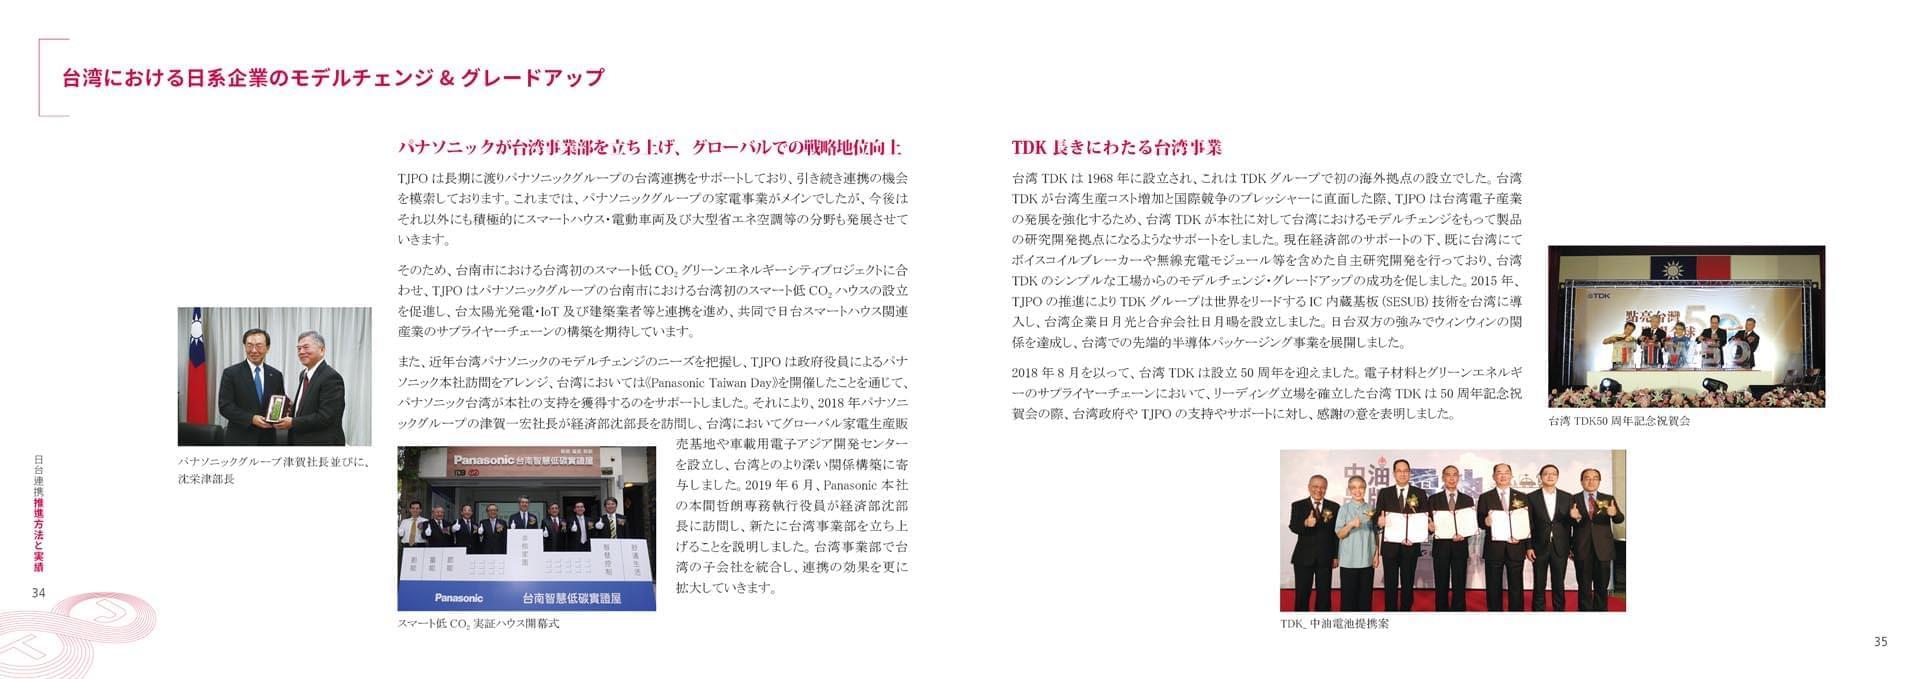 台日型錄-日文版60頁-第二次修改070220